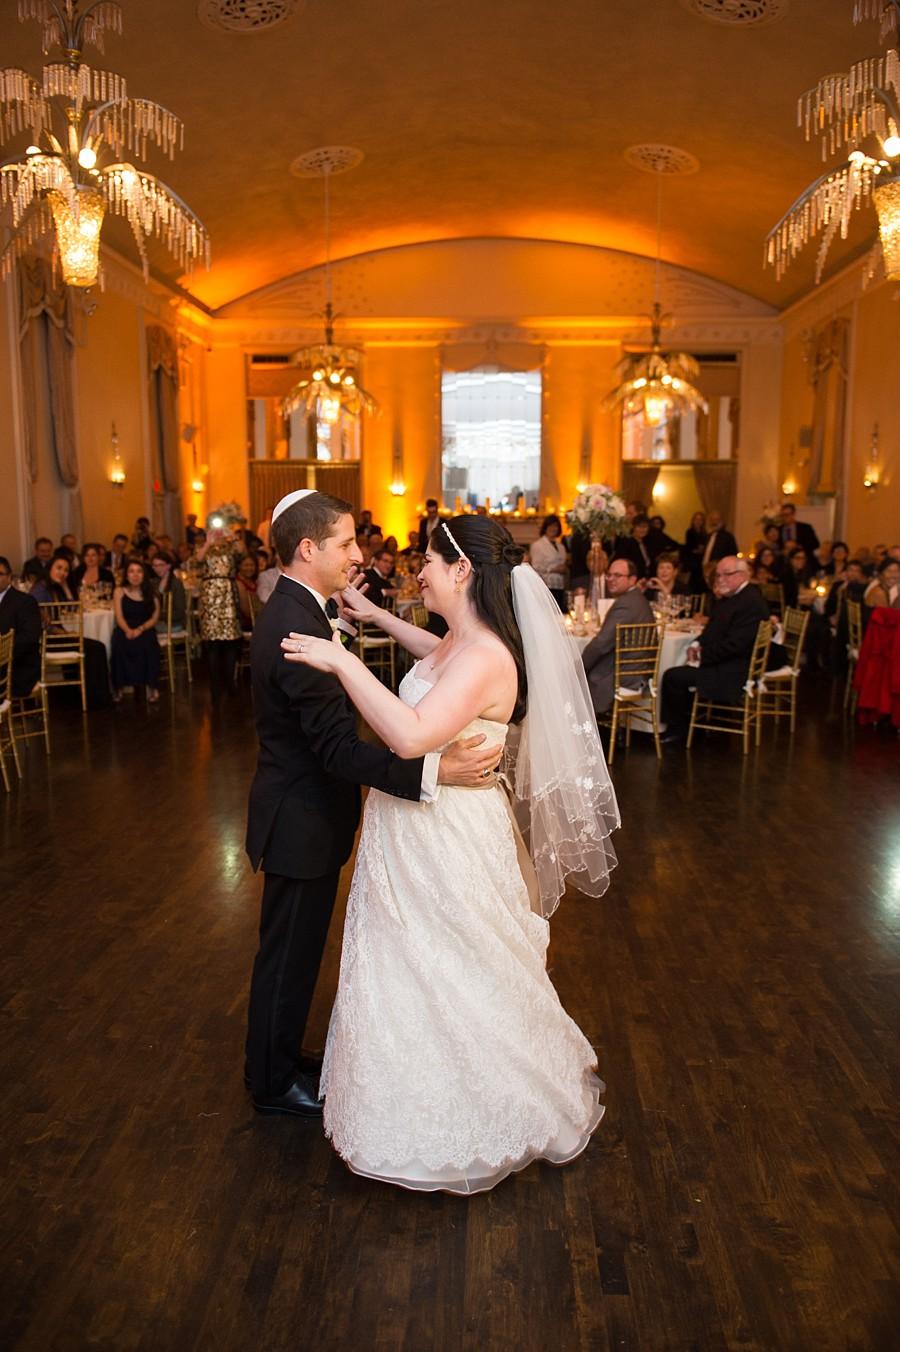 New_Haven_Lawn_Club_Wedding_DT_33.jpg